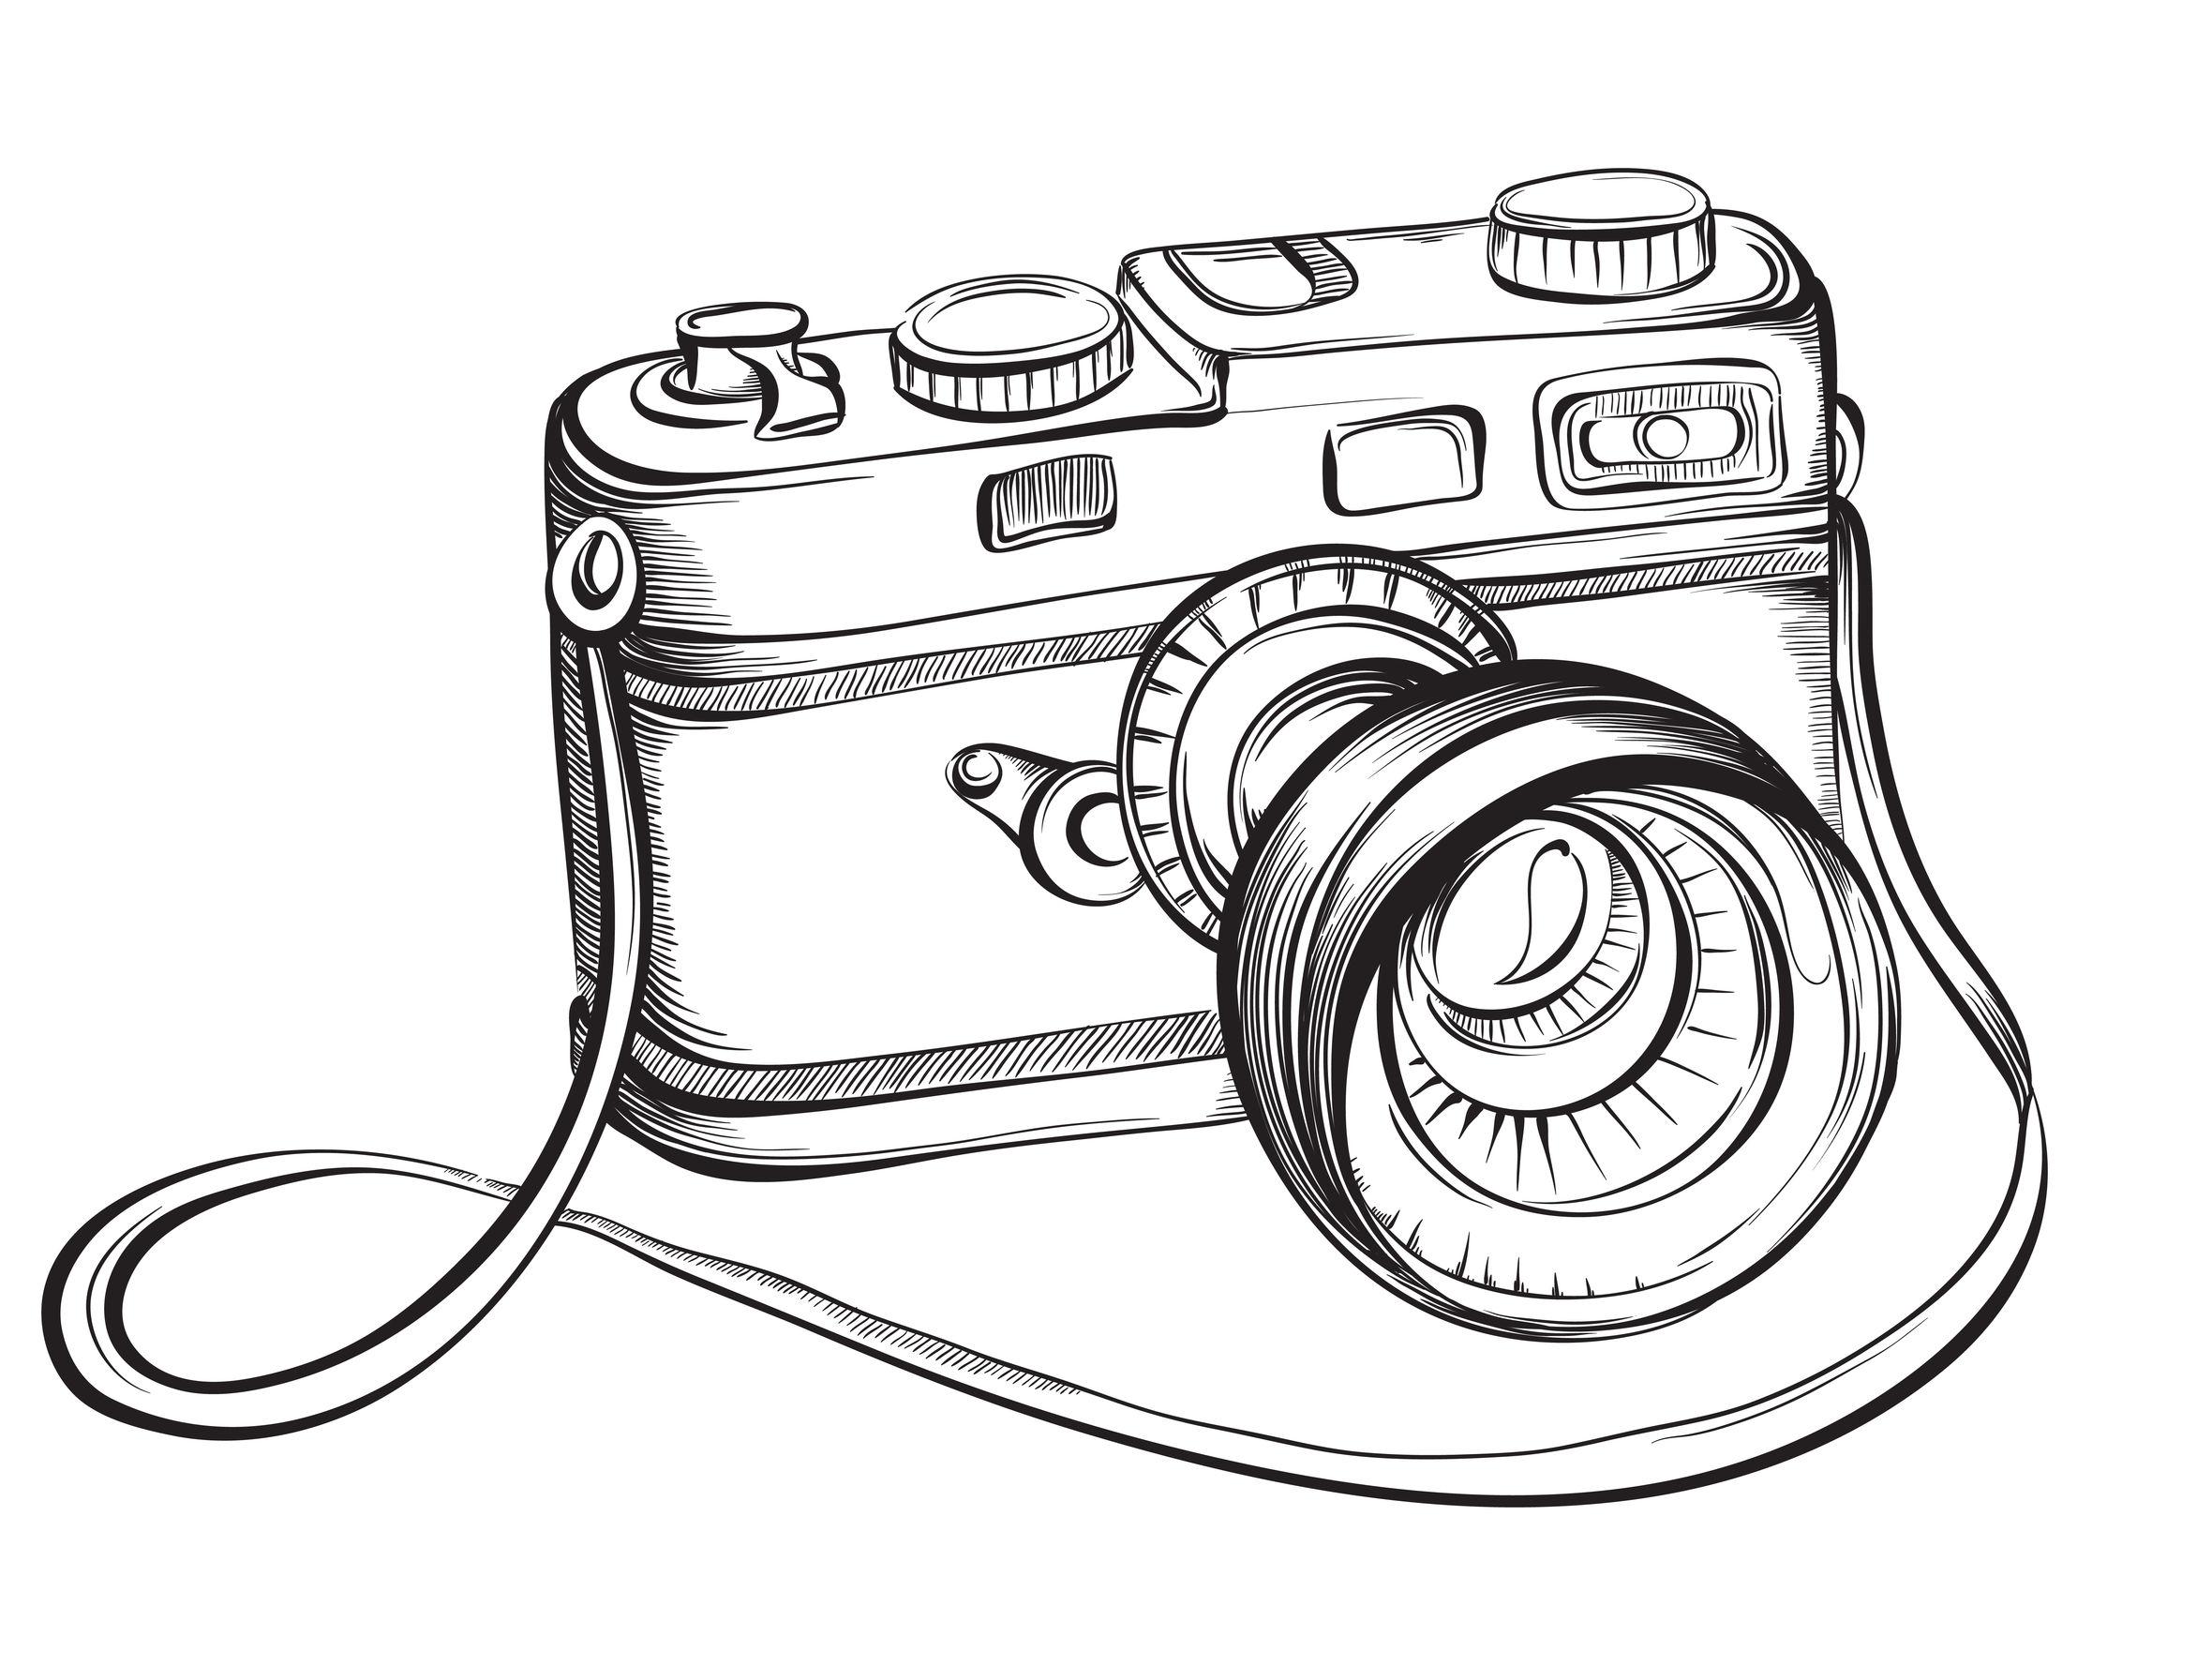 40460583 - sketch vintage retro photo camera. vector hand drawn illustration